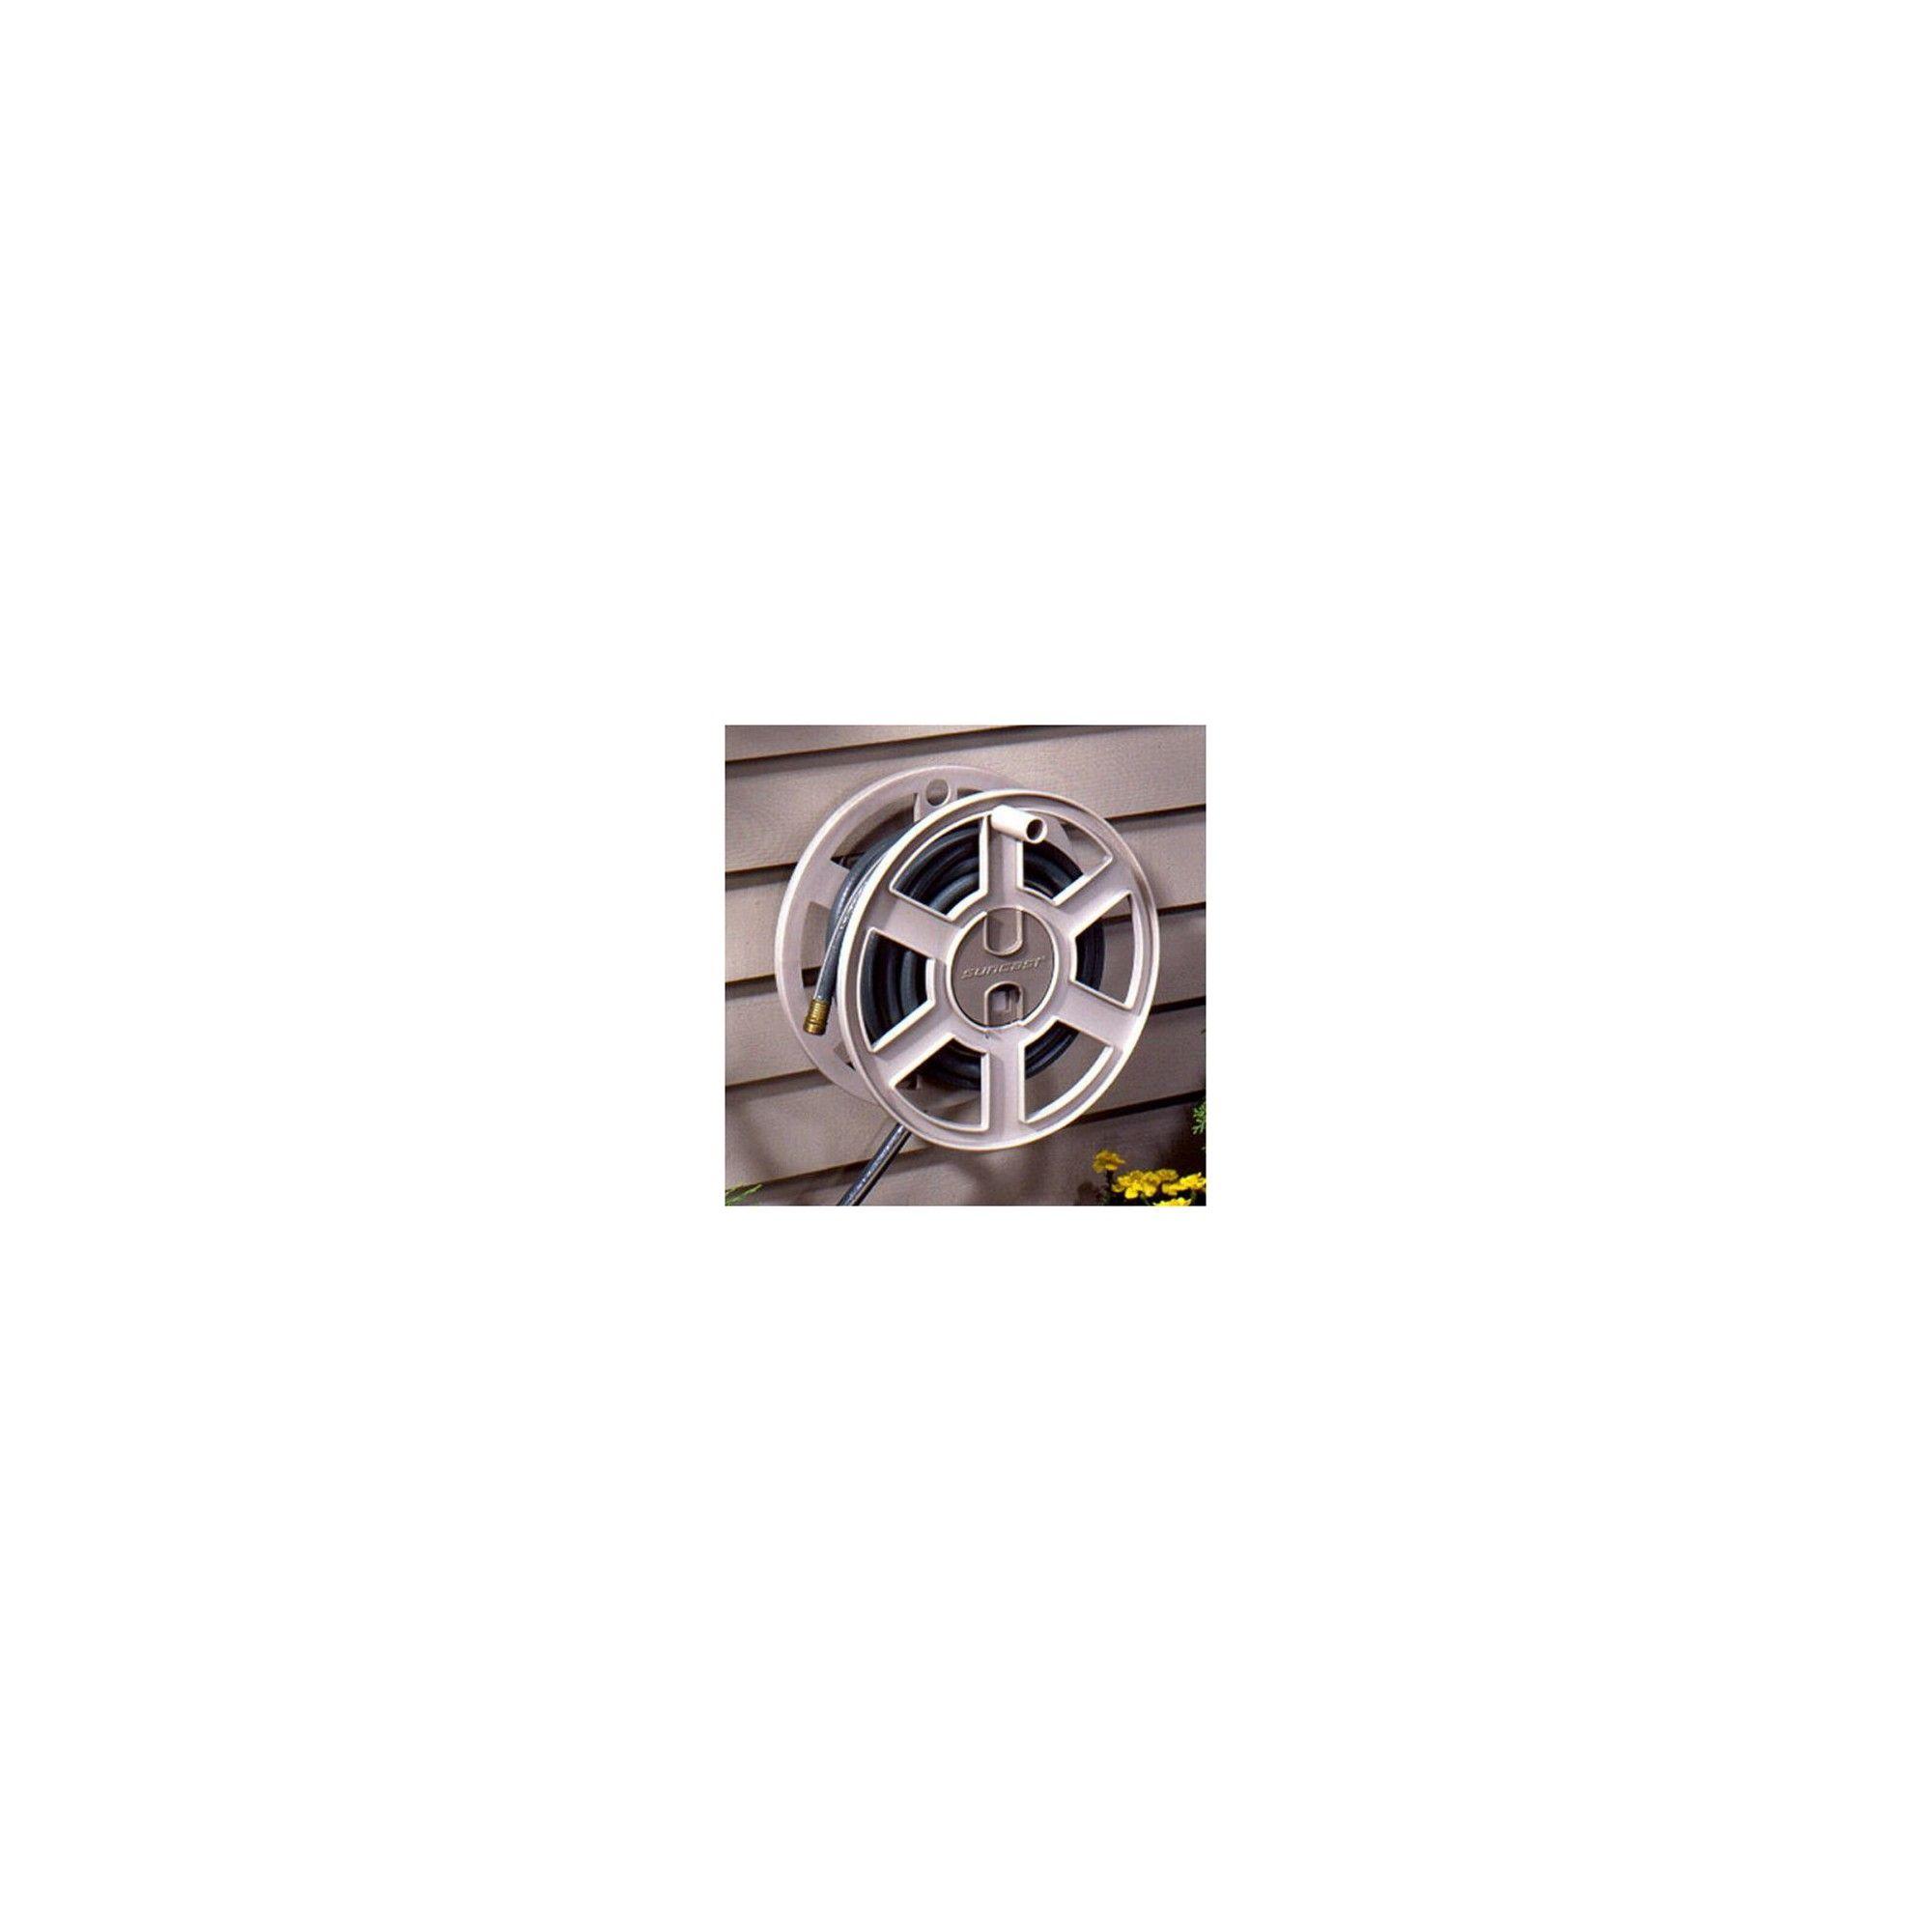 Suncast SWA100 100 Foot Wall Mount Garden Yard Hose Reel Side Winder 3 Pack